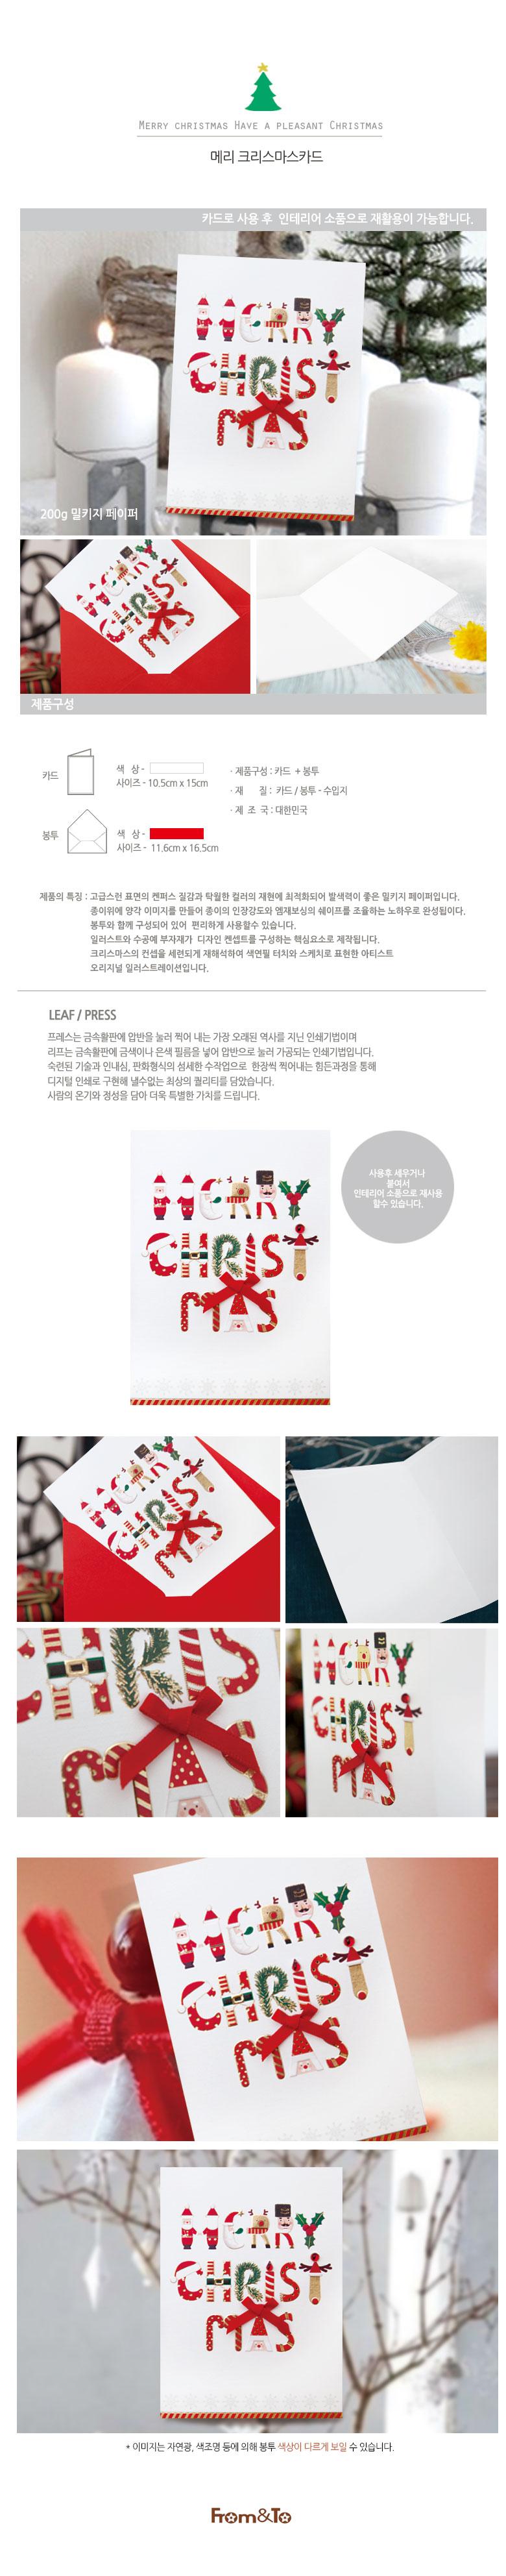 메리크리스마스 카드 FS1024-1 - 프롬앤투, 1,000원, 카드, 크리스마스 카드